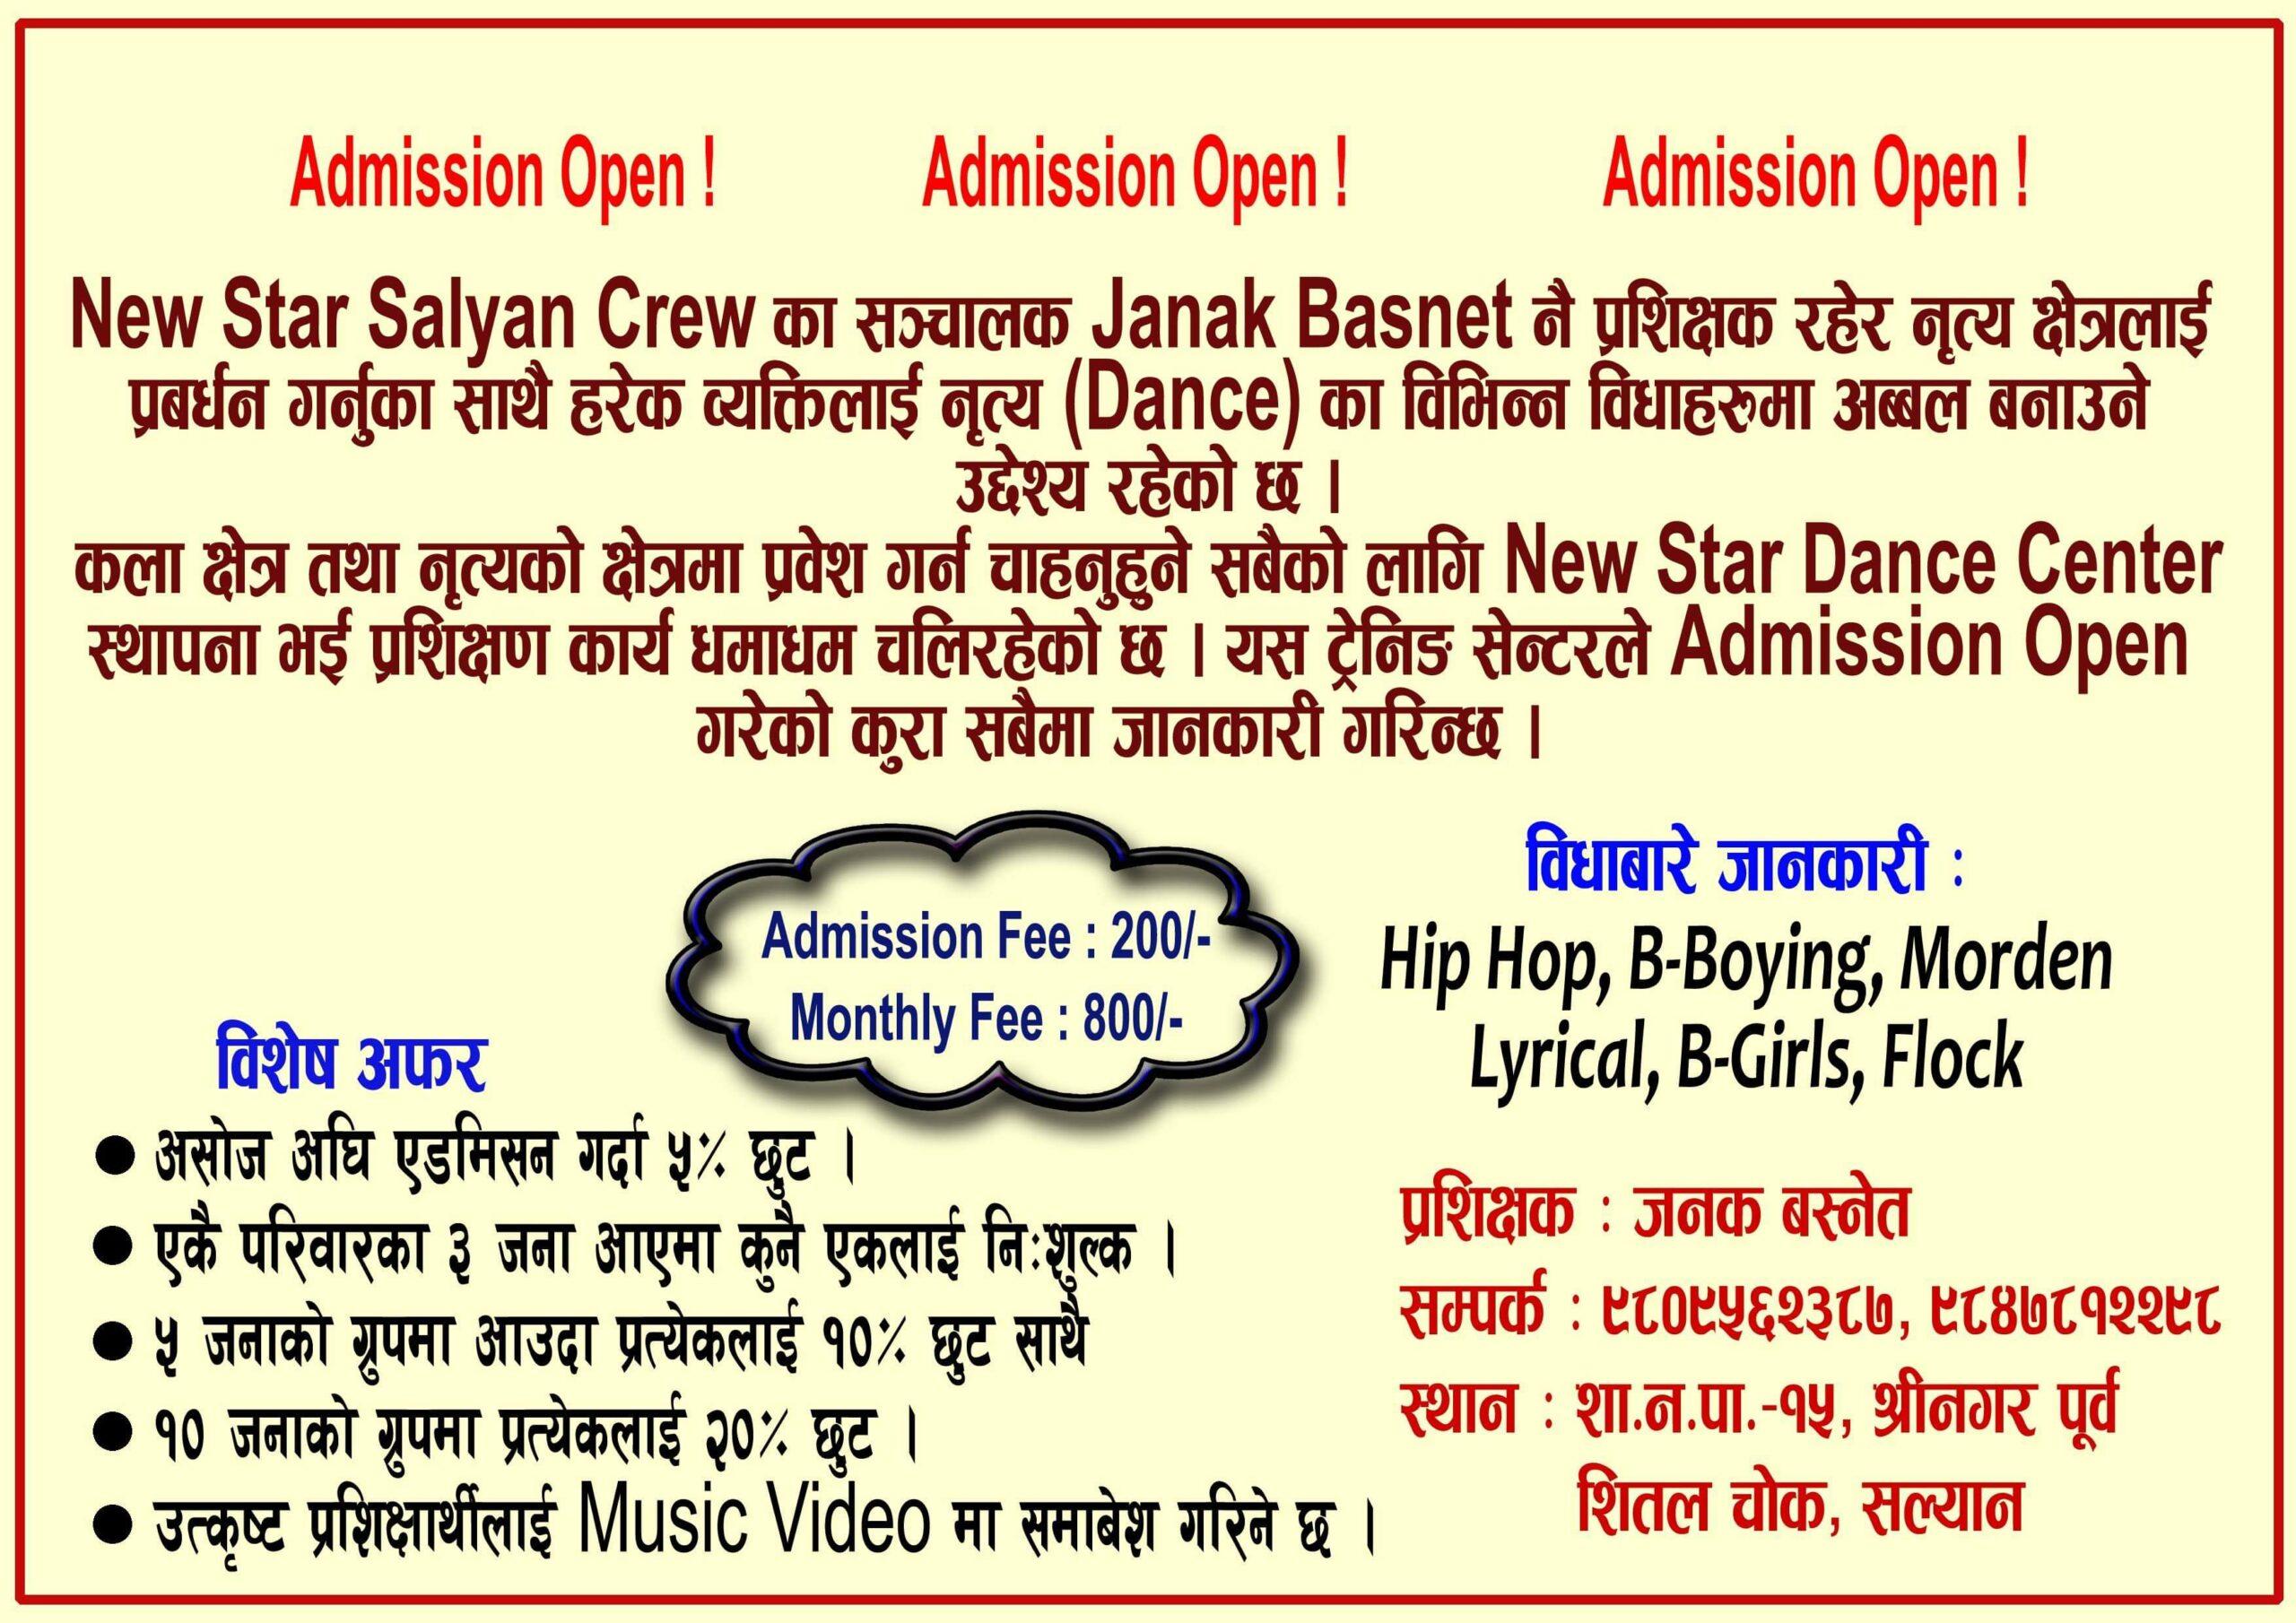 Addmission open for dancer